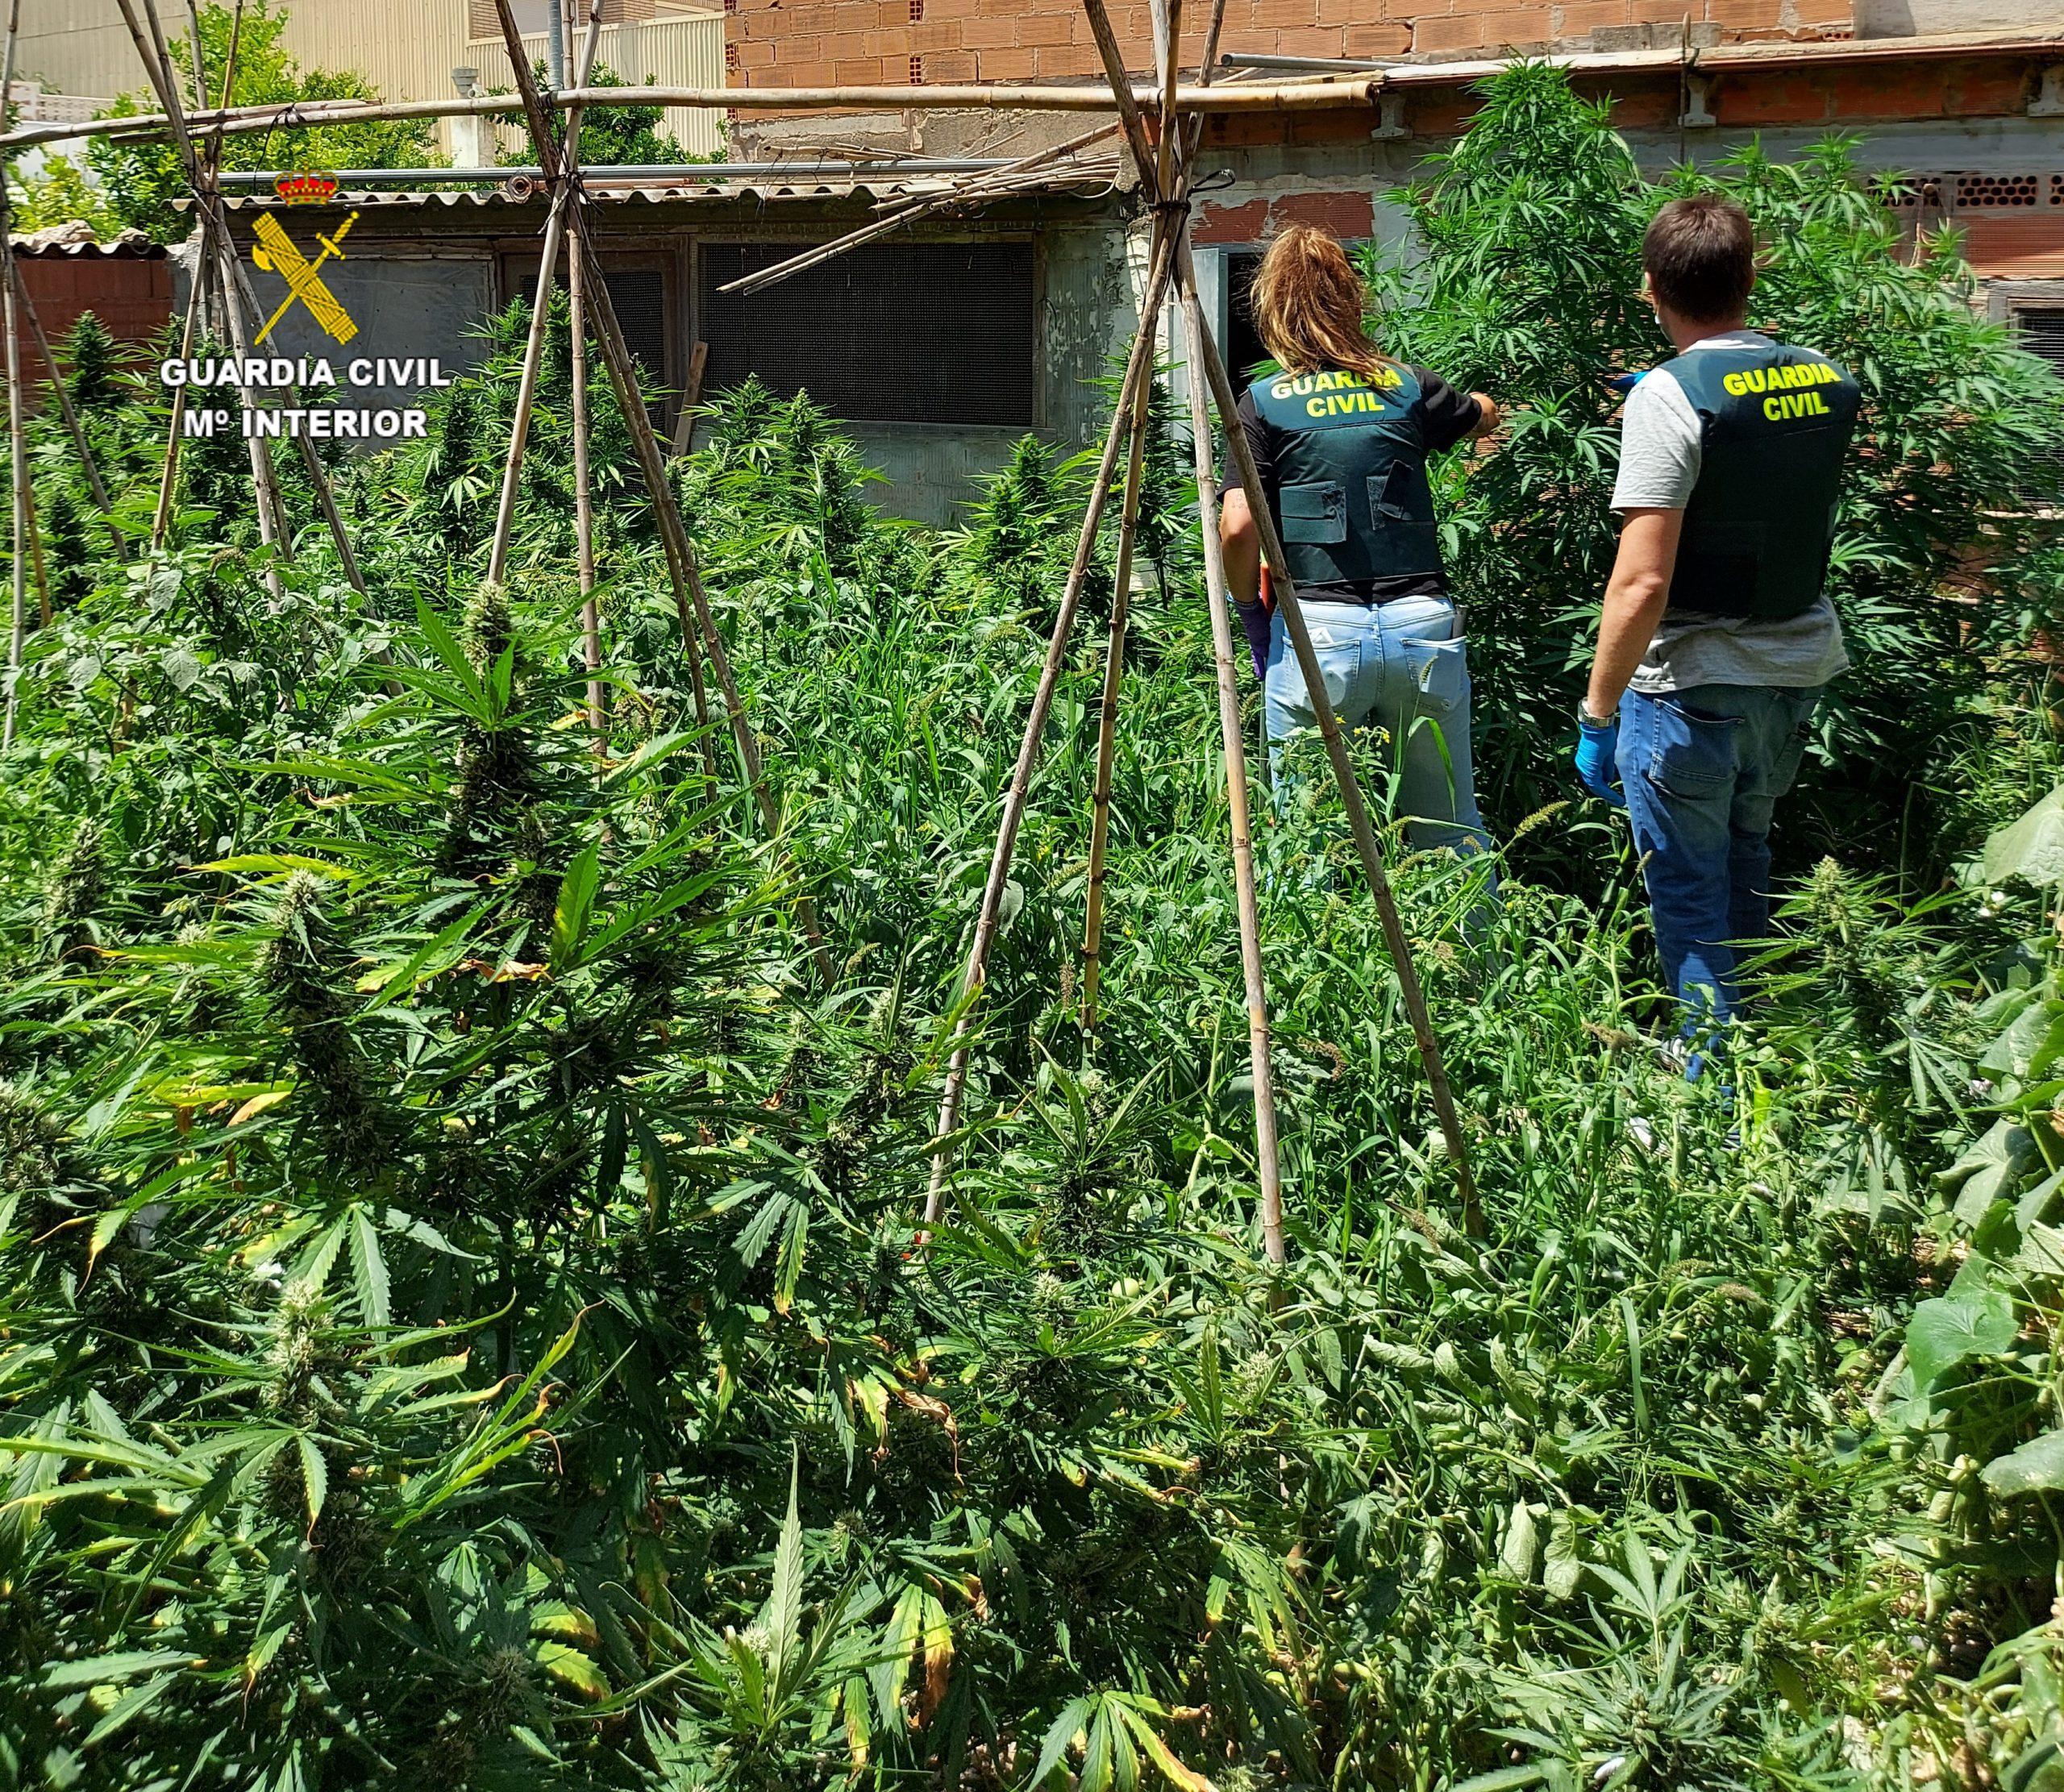 La Guardia Civil incauta cinco armas de fuego y desmantela una plantación de marihuana en Benicarló